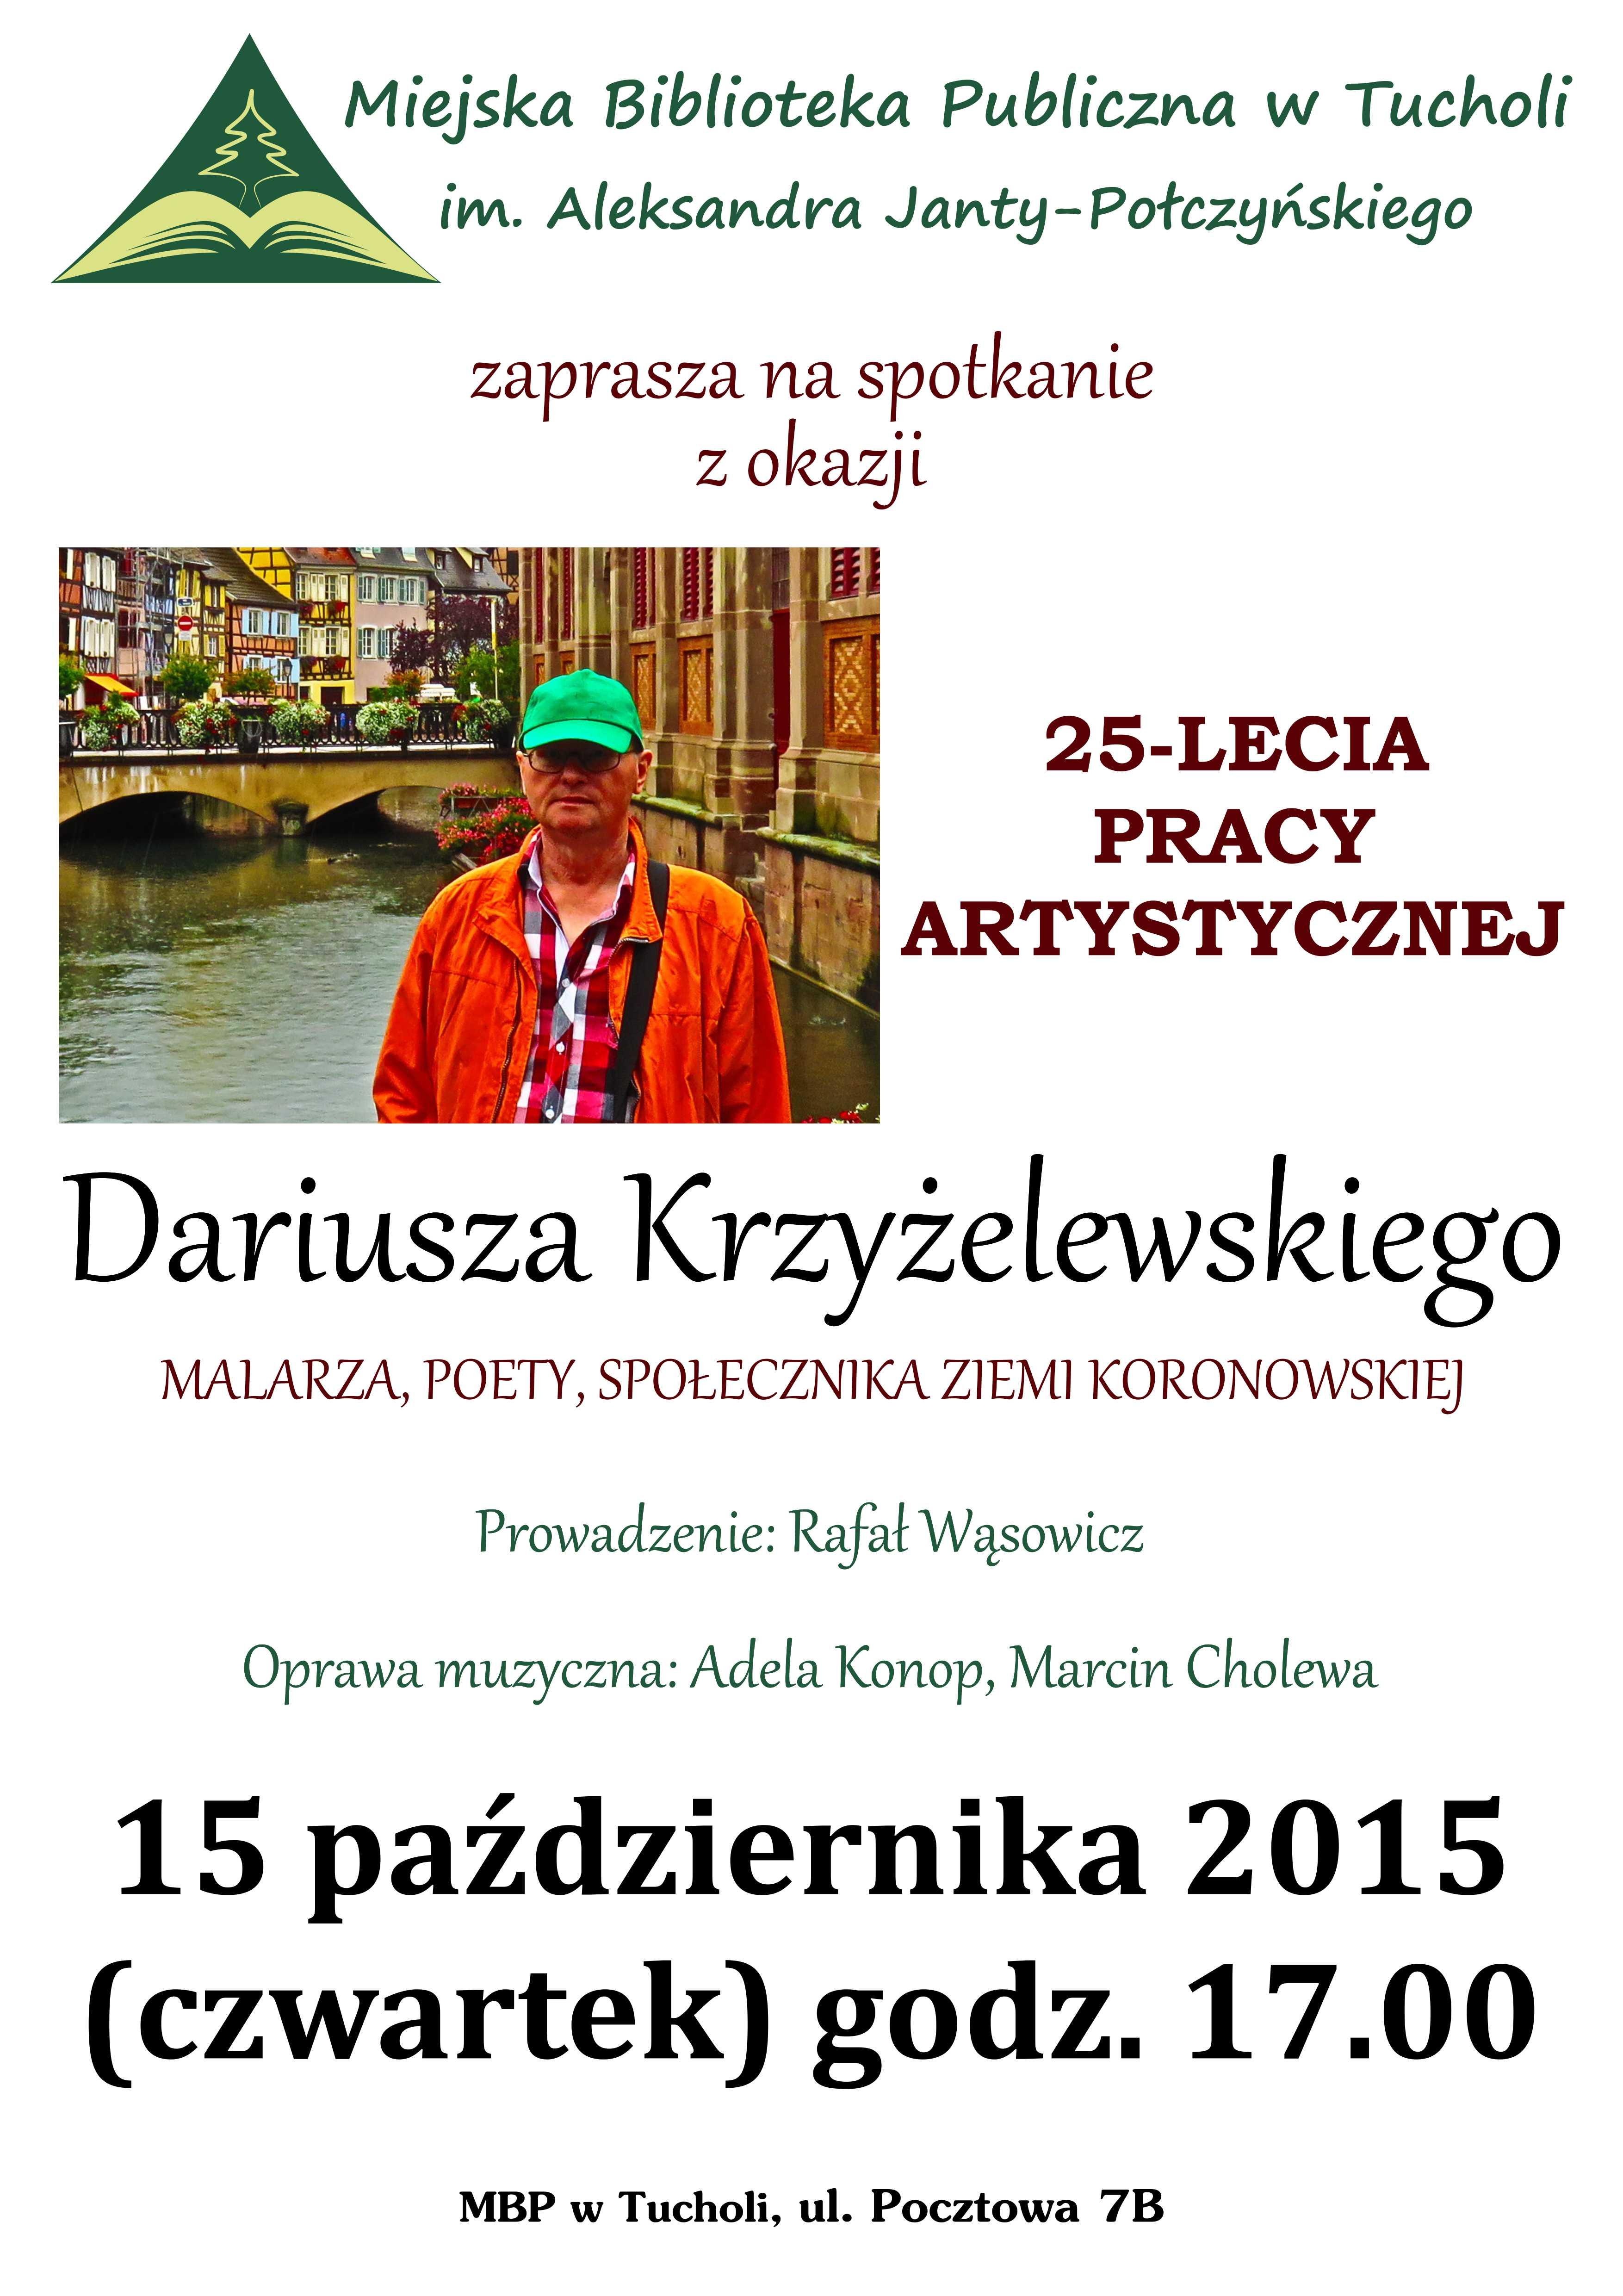 D. Krzyzelewski - palakat